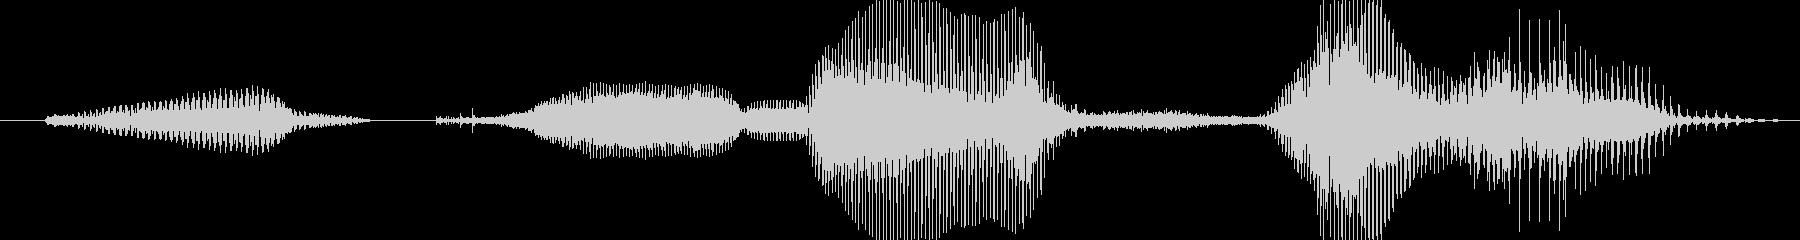 「起きなさい」(怖いお母さん)の未再生の波形